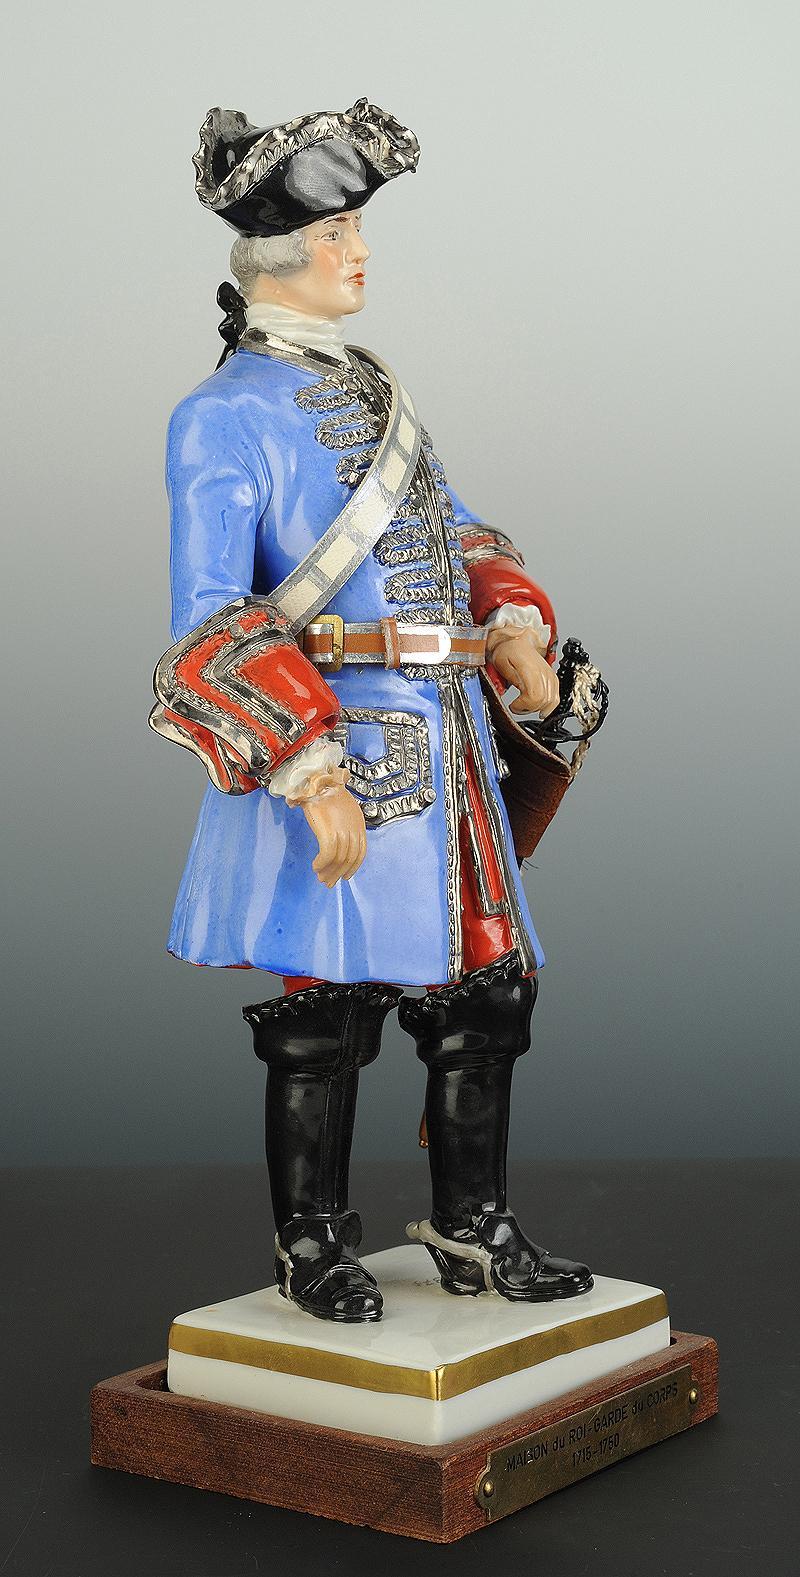 garde du corps du roi de la maison du militaire du roi 1715 1750 figurine en porcelaine par van. Black Bedroom Furniture Sets. Home Design Ideas